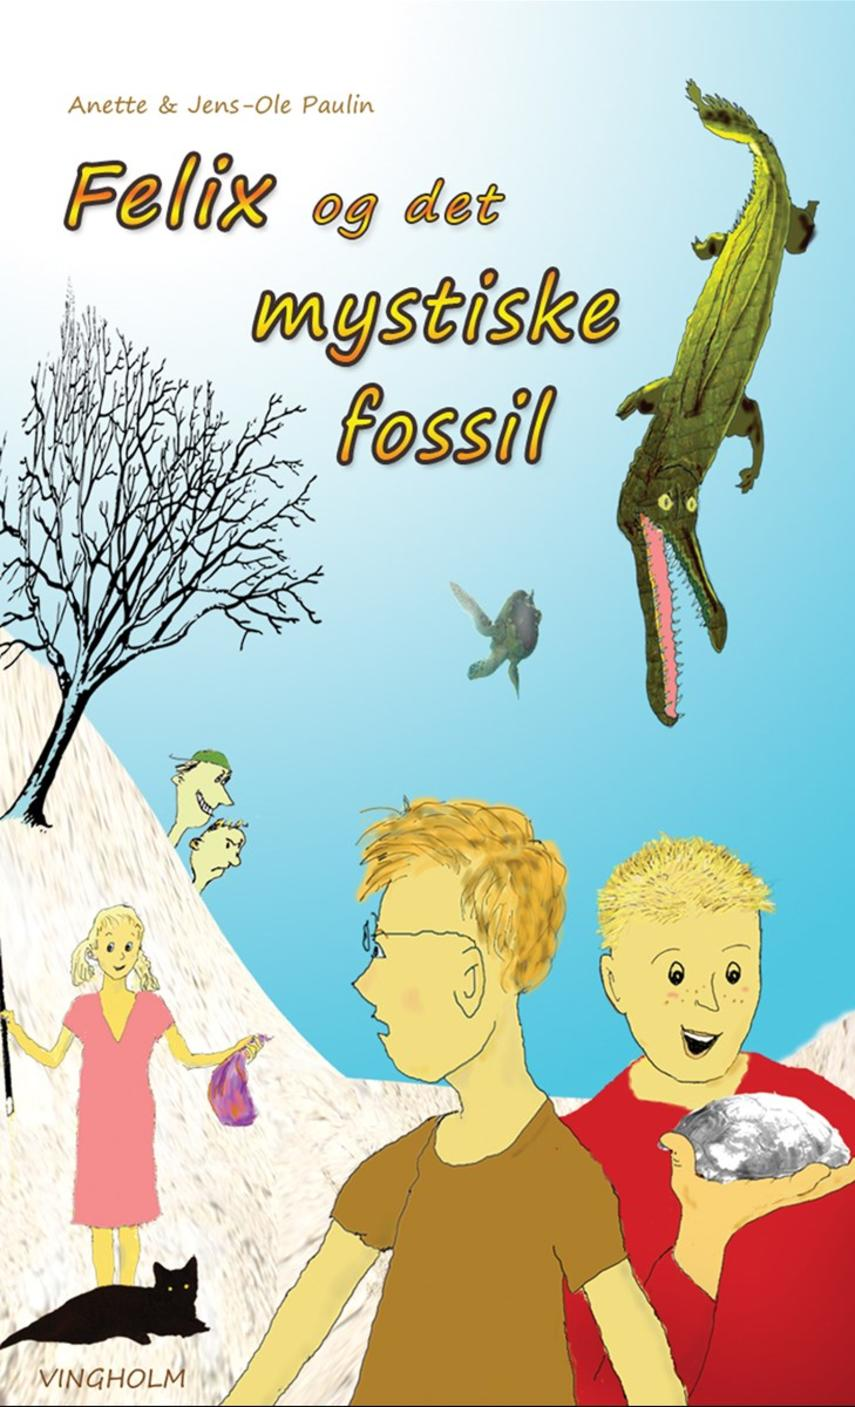 Anette Paulin, Jens-Ole Paulin: Felix og det mystiske fossil